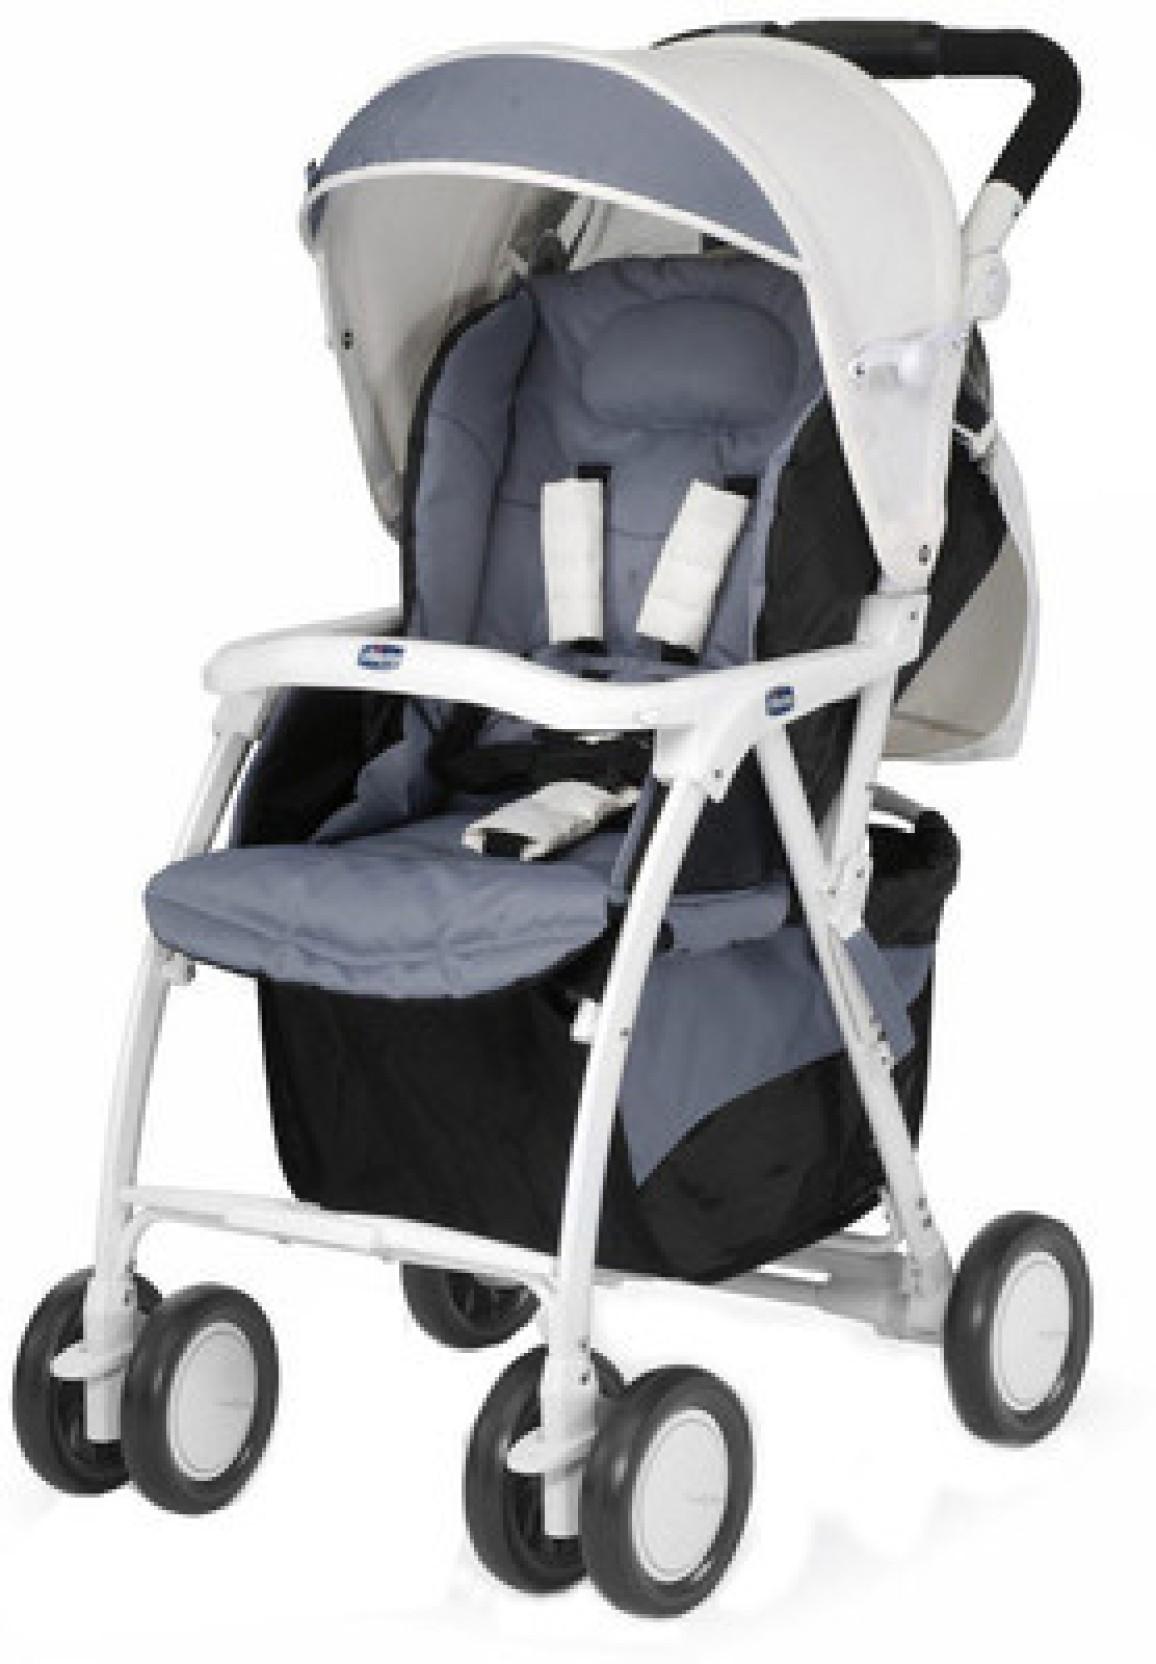 Chicco Simplicity Stroller Galaxy - Buy 4 Position ...